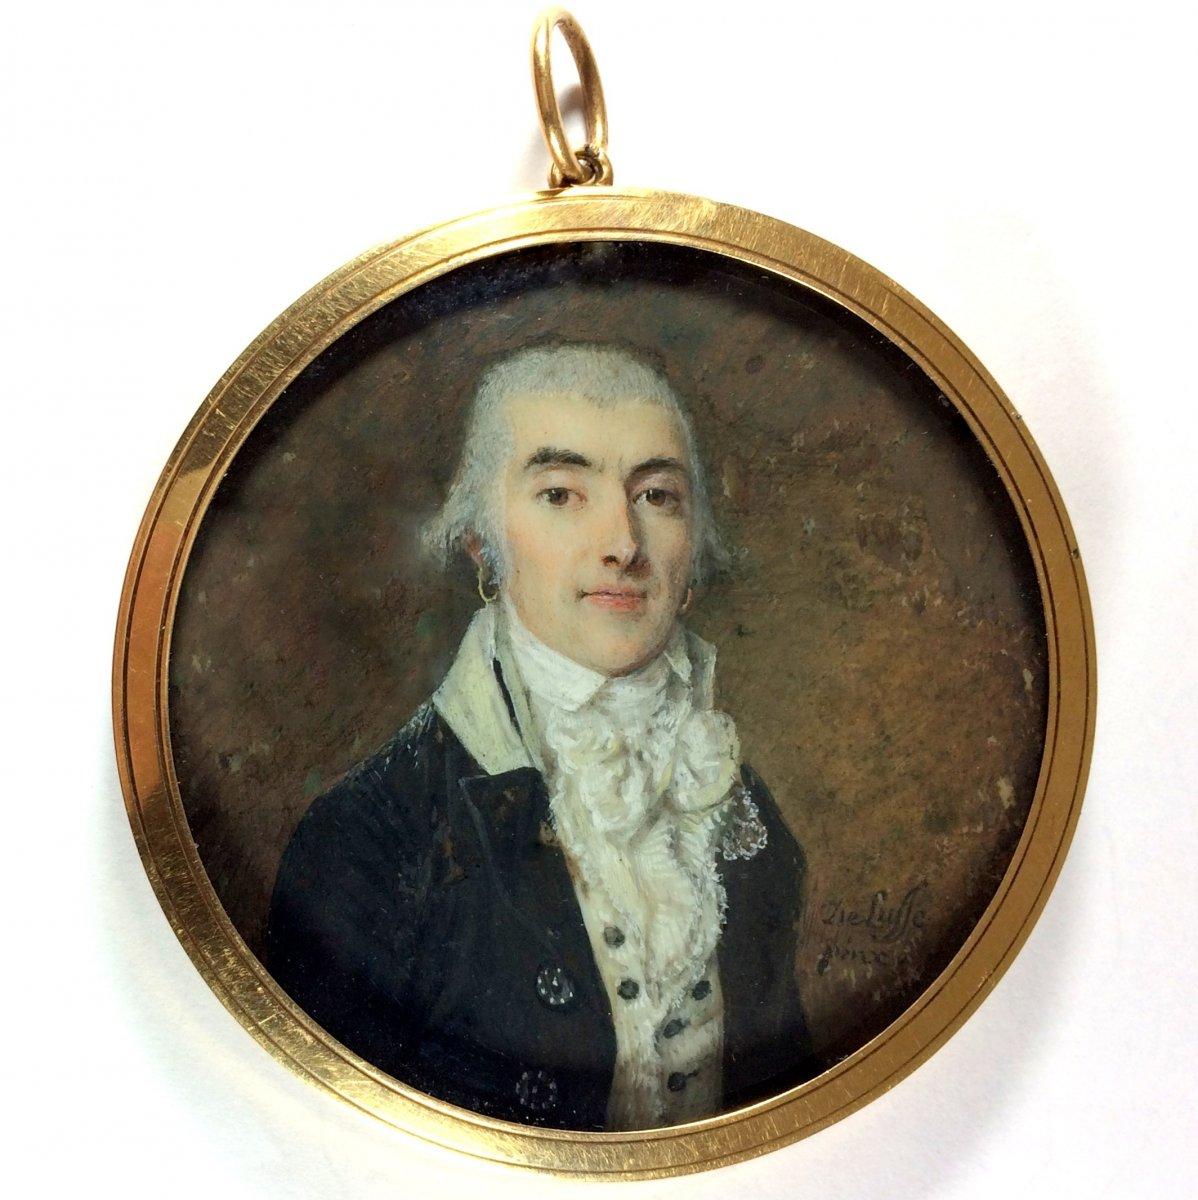 De Lusse Jean-Jacques-Thérésa, portrait miniature d'époque Révolutionnaire, cadre or